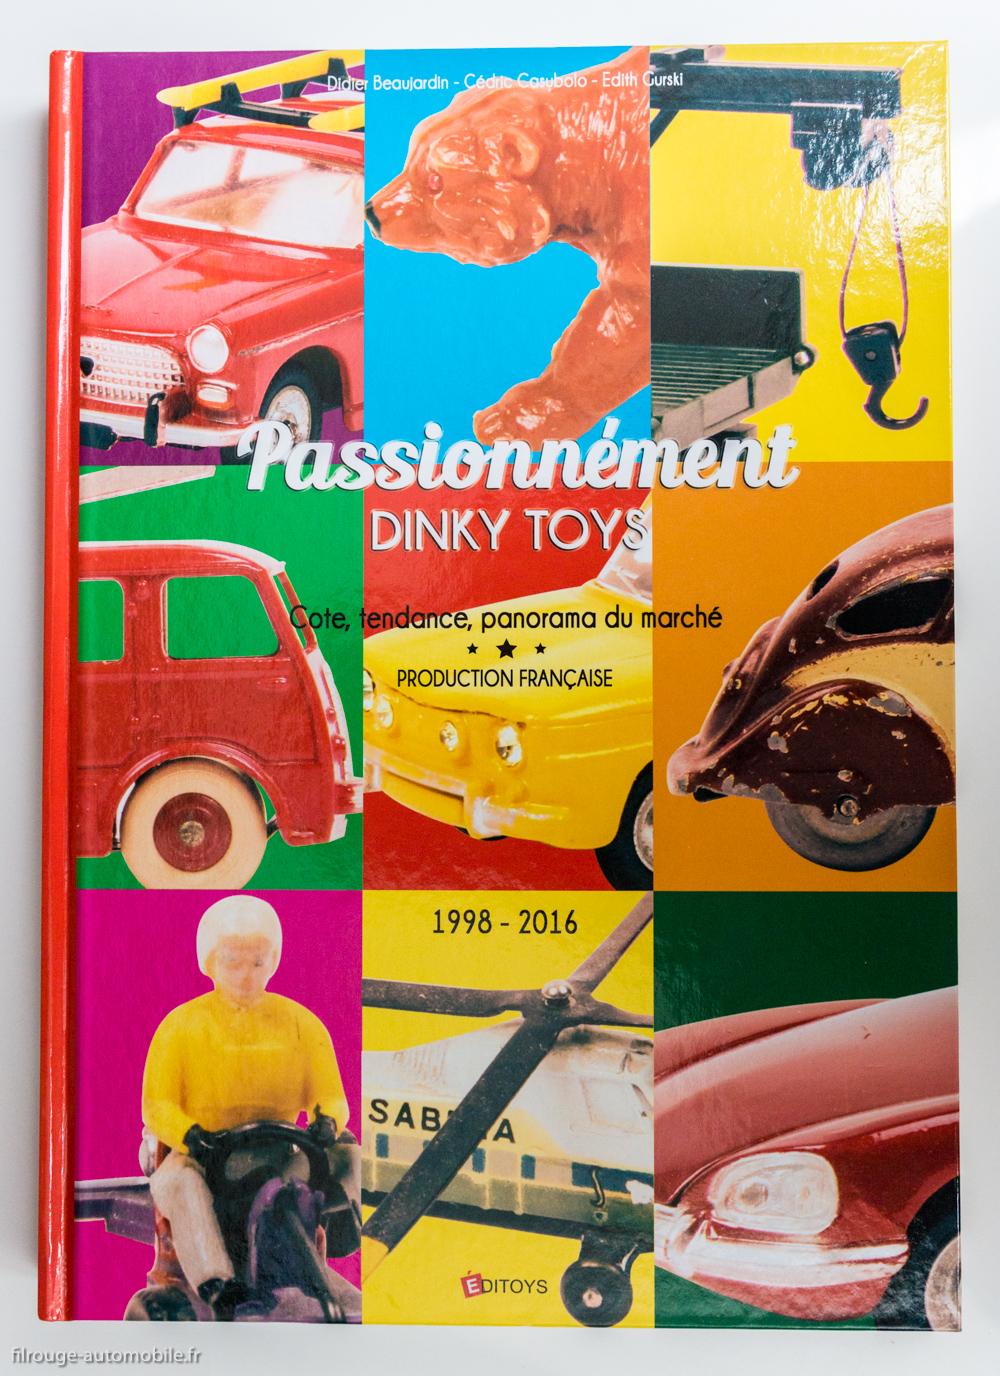 passionn ment dinky toys la cote de collectoys. Black Bedroom Furniture Sets. Home Design Ideas